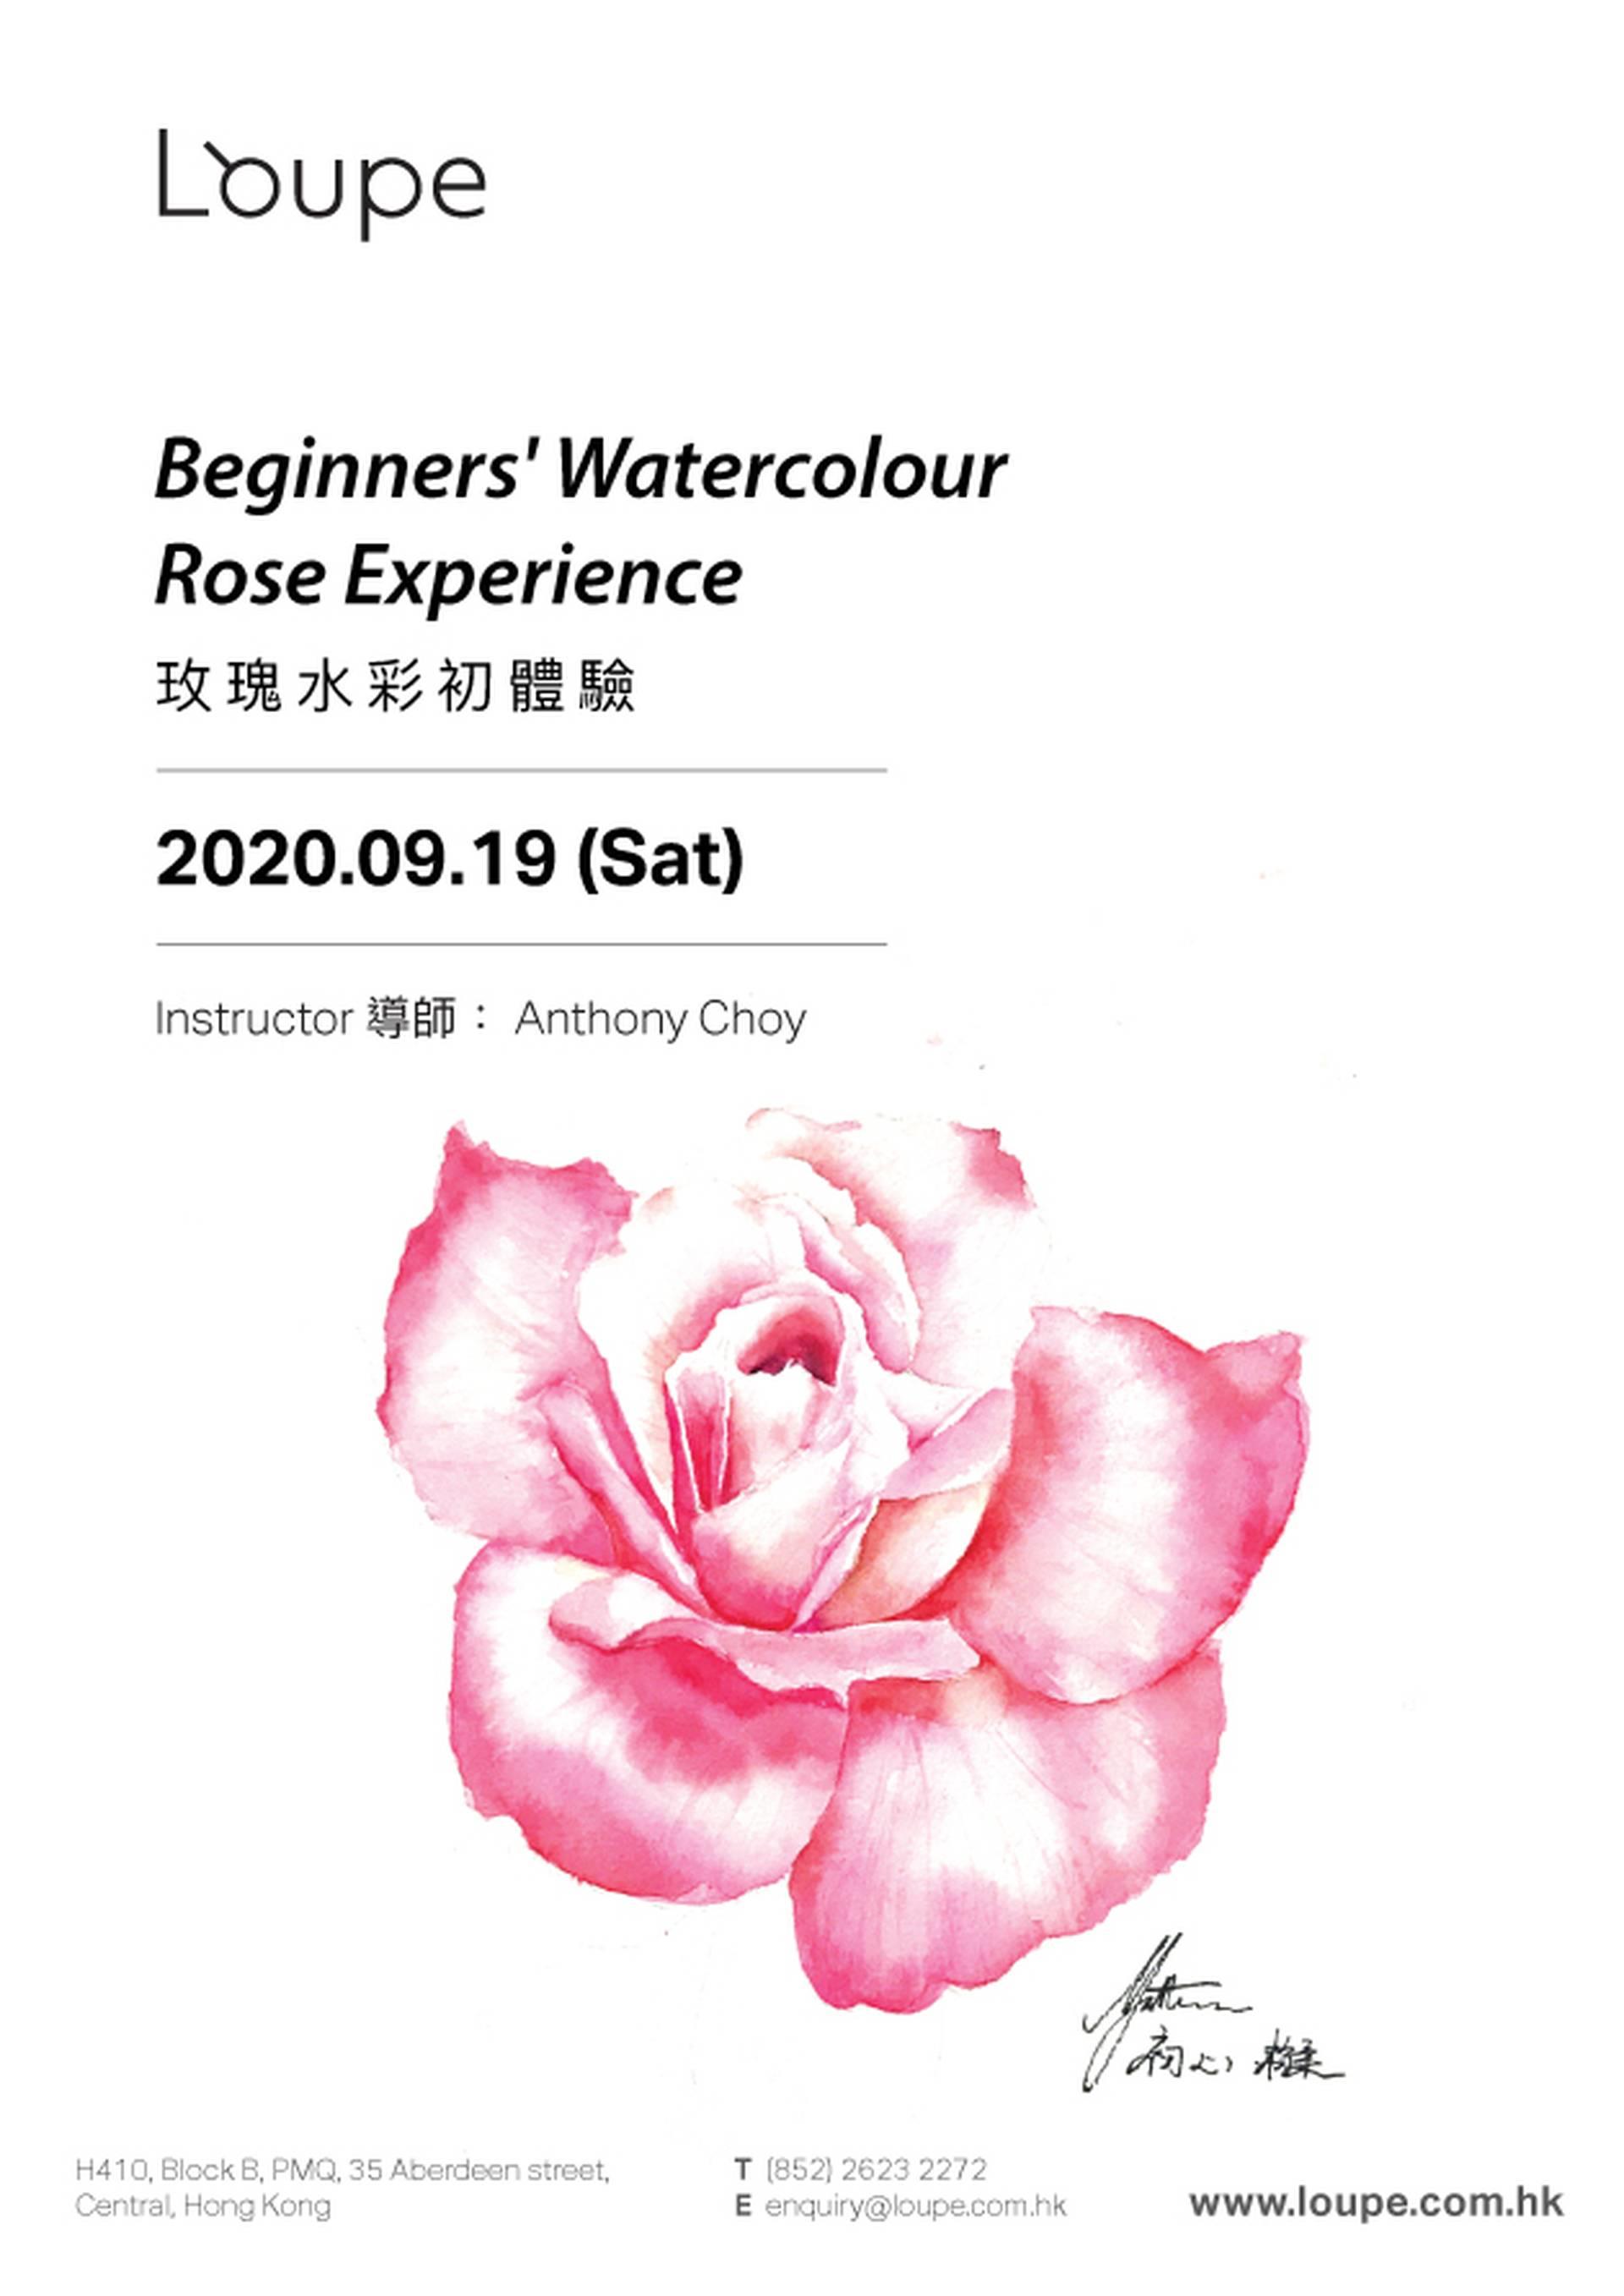 玫瑰水彩初體驗